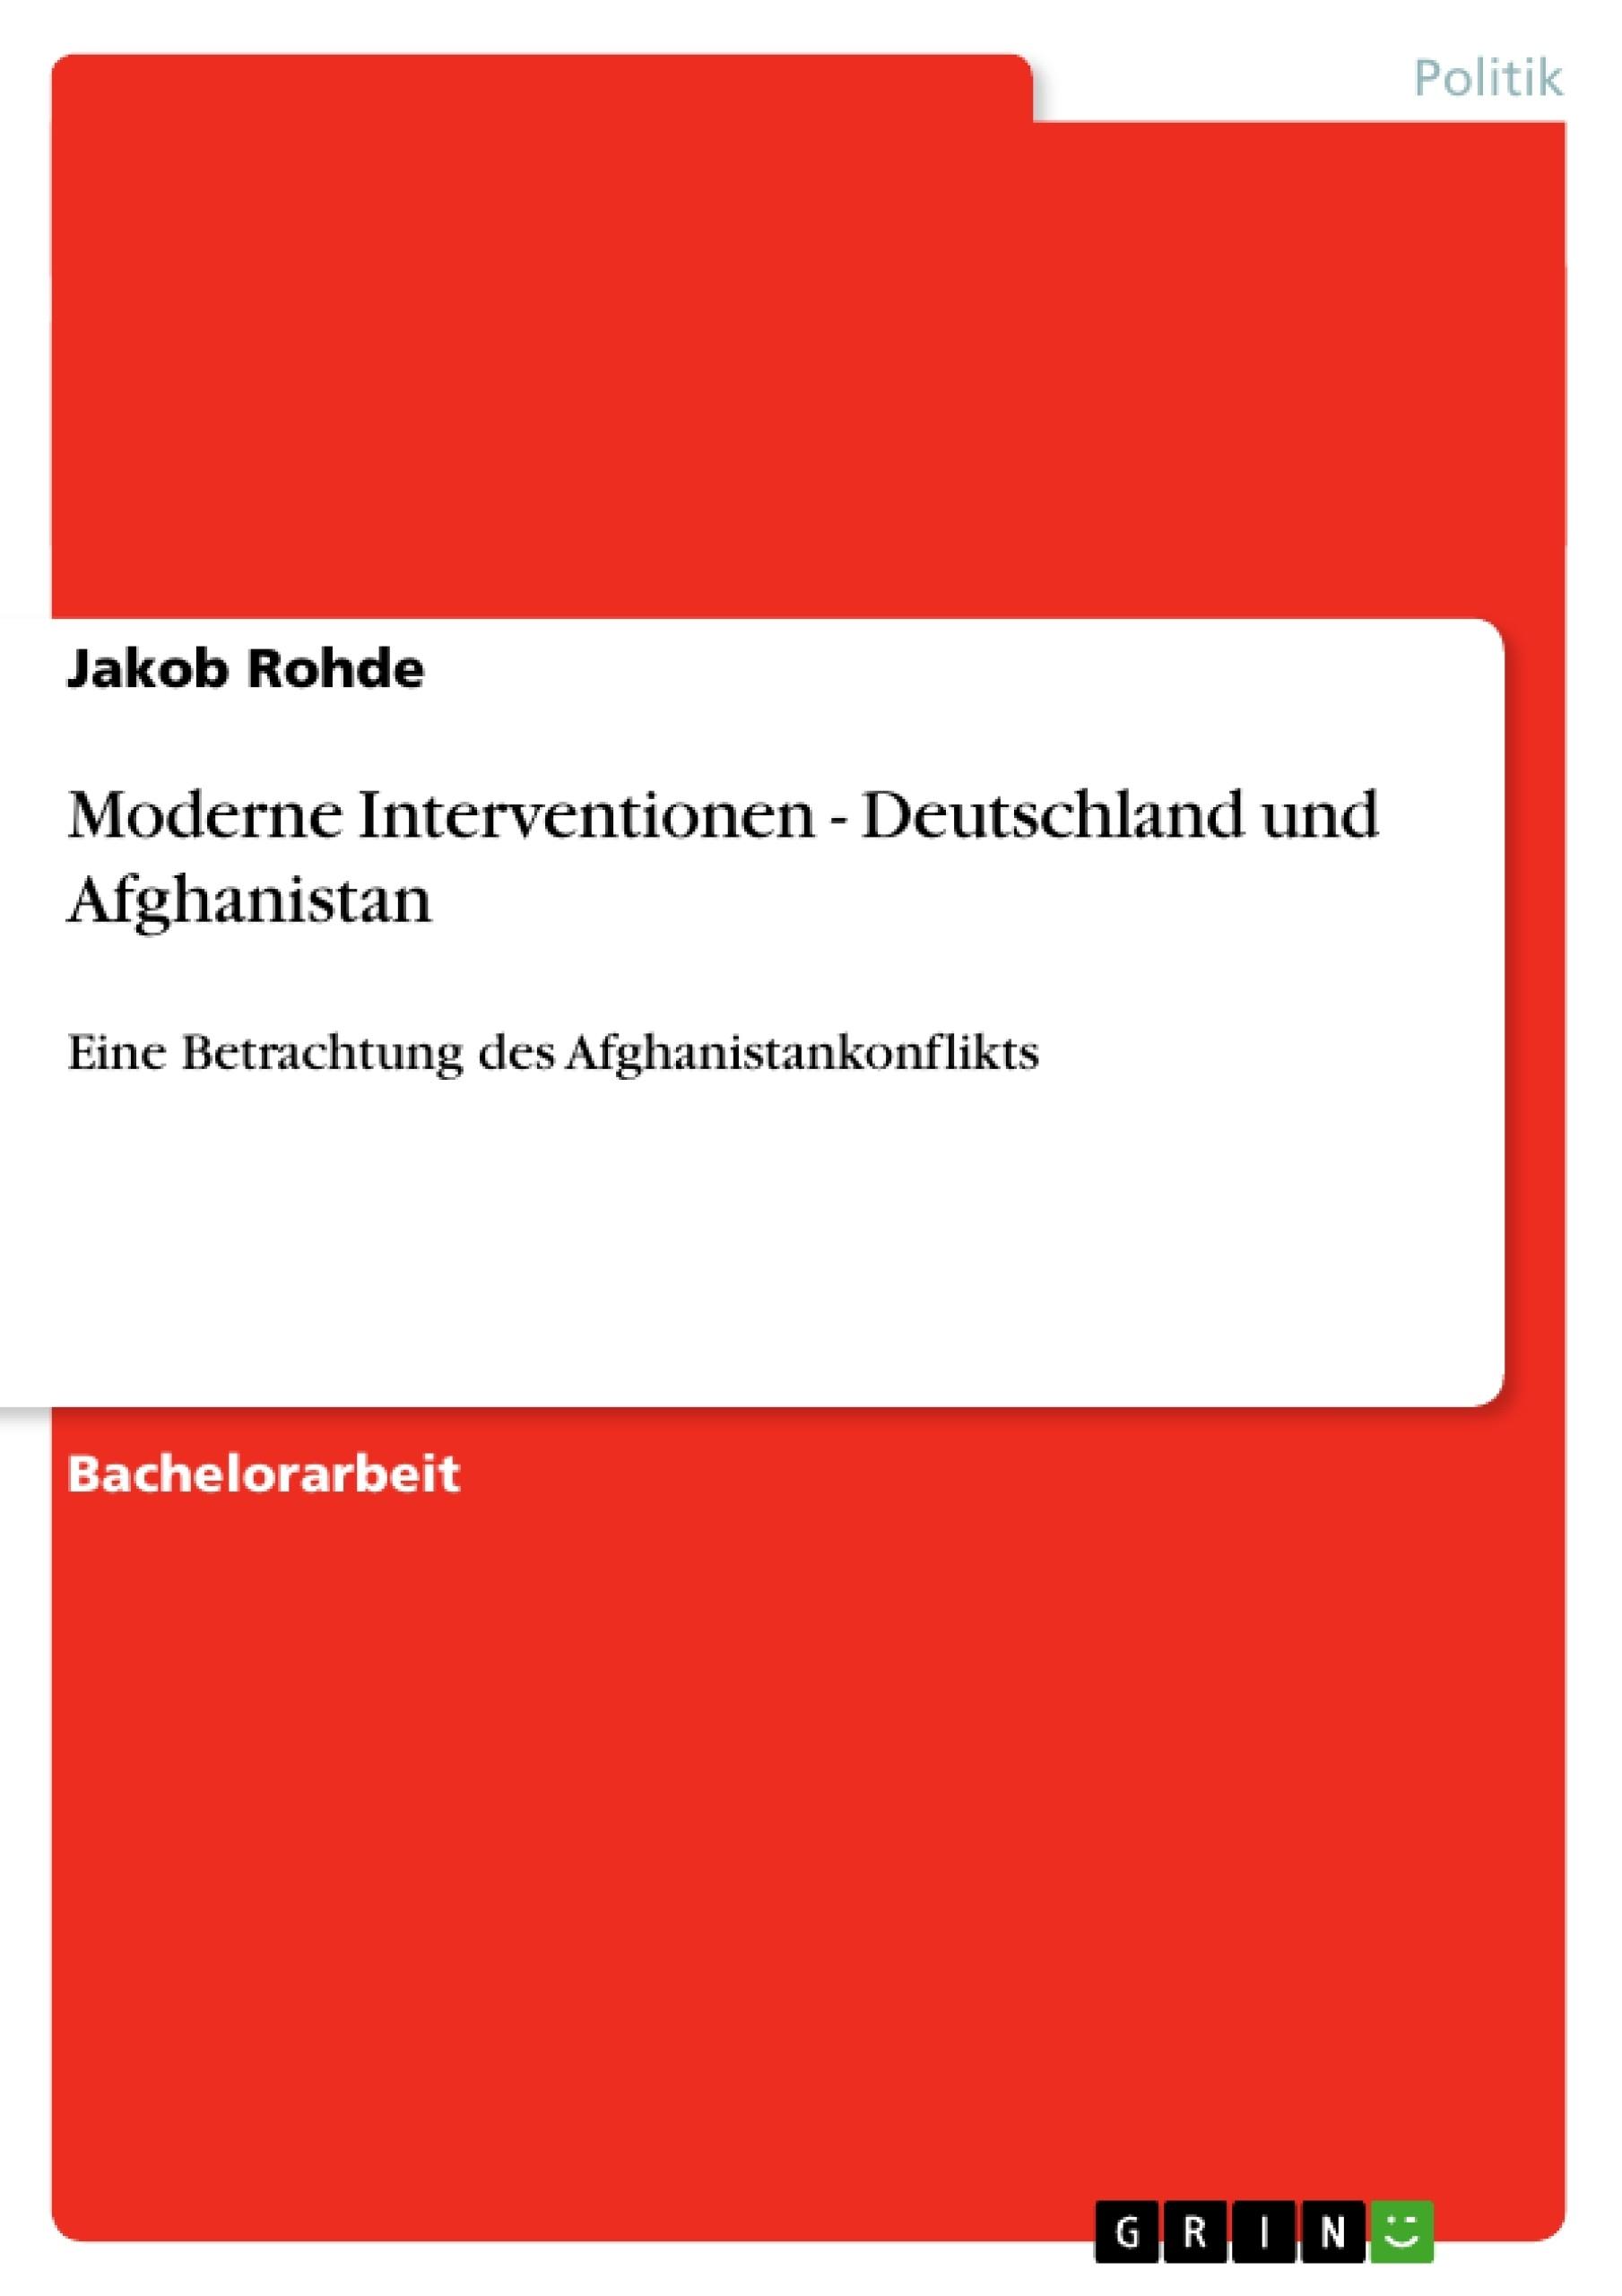 Titel: Moderne Interventionen - Deutschland und Afghanistan